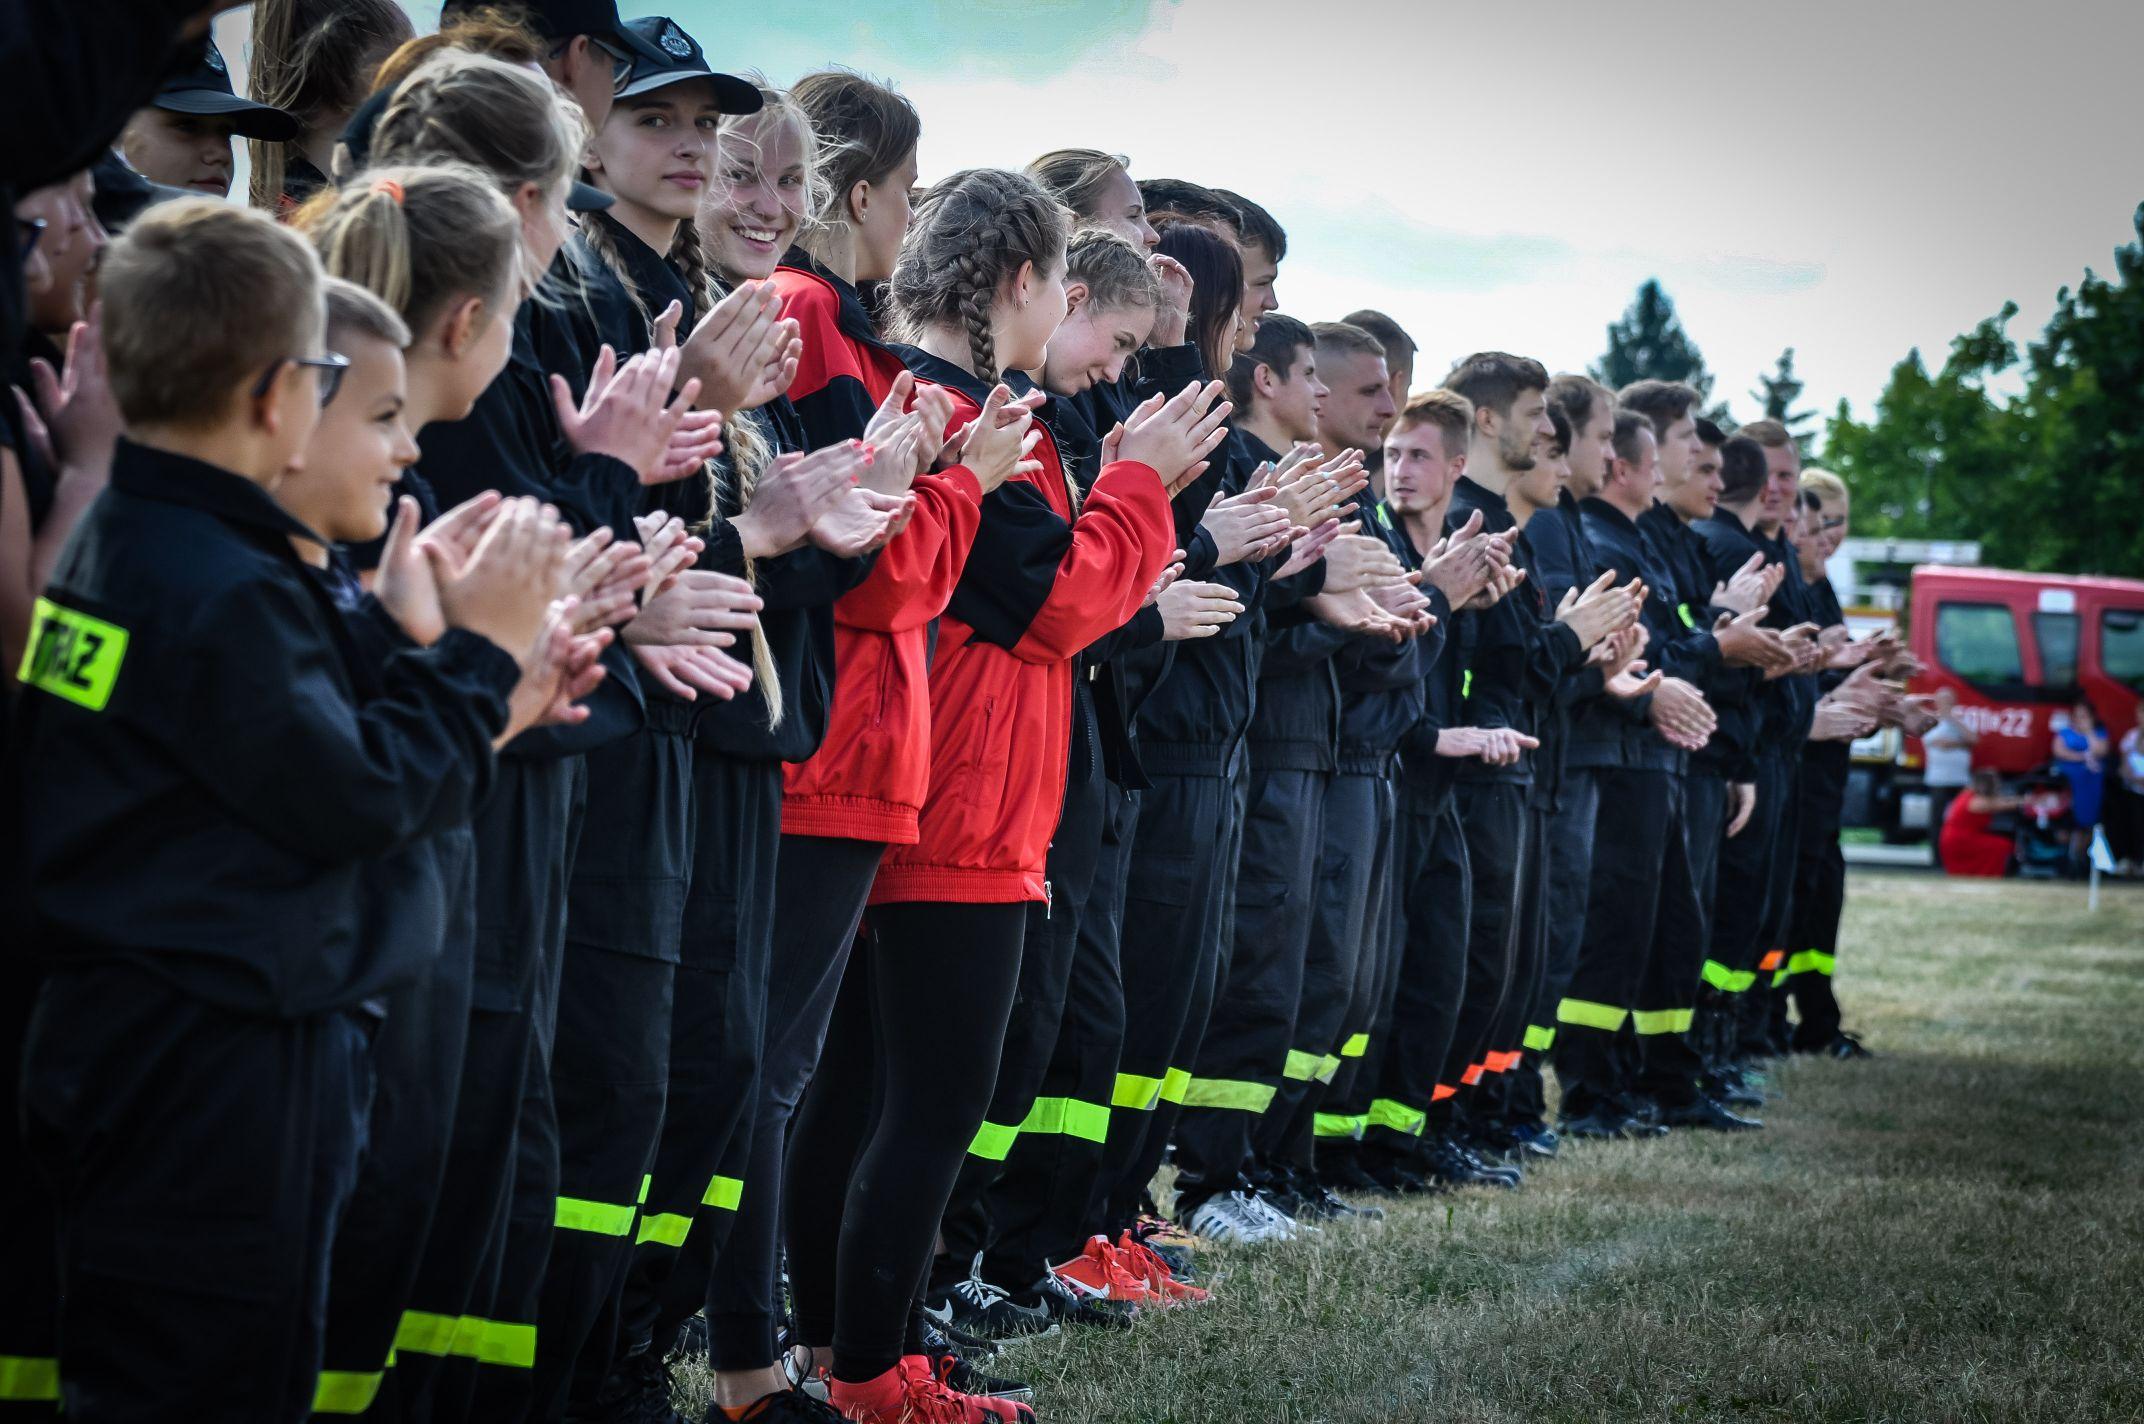 Gminne zawody sportowo-pożarnicze w Padwi Narodowej [FOTO] - Zdjęcie główne